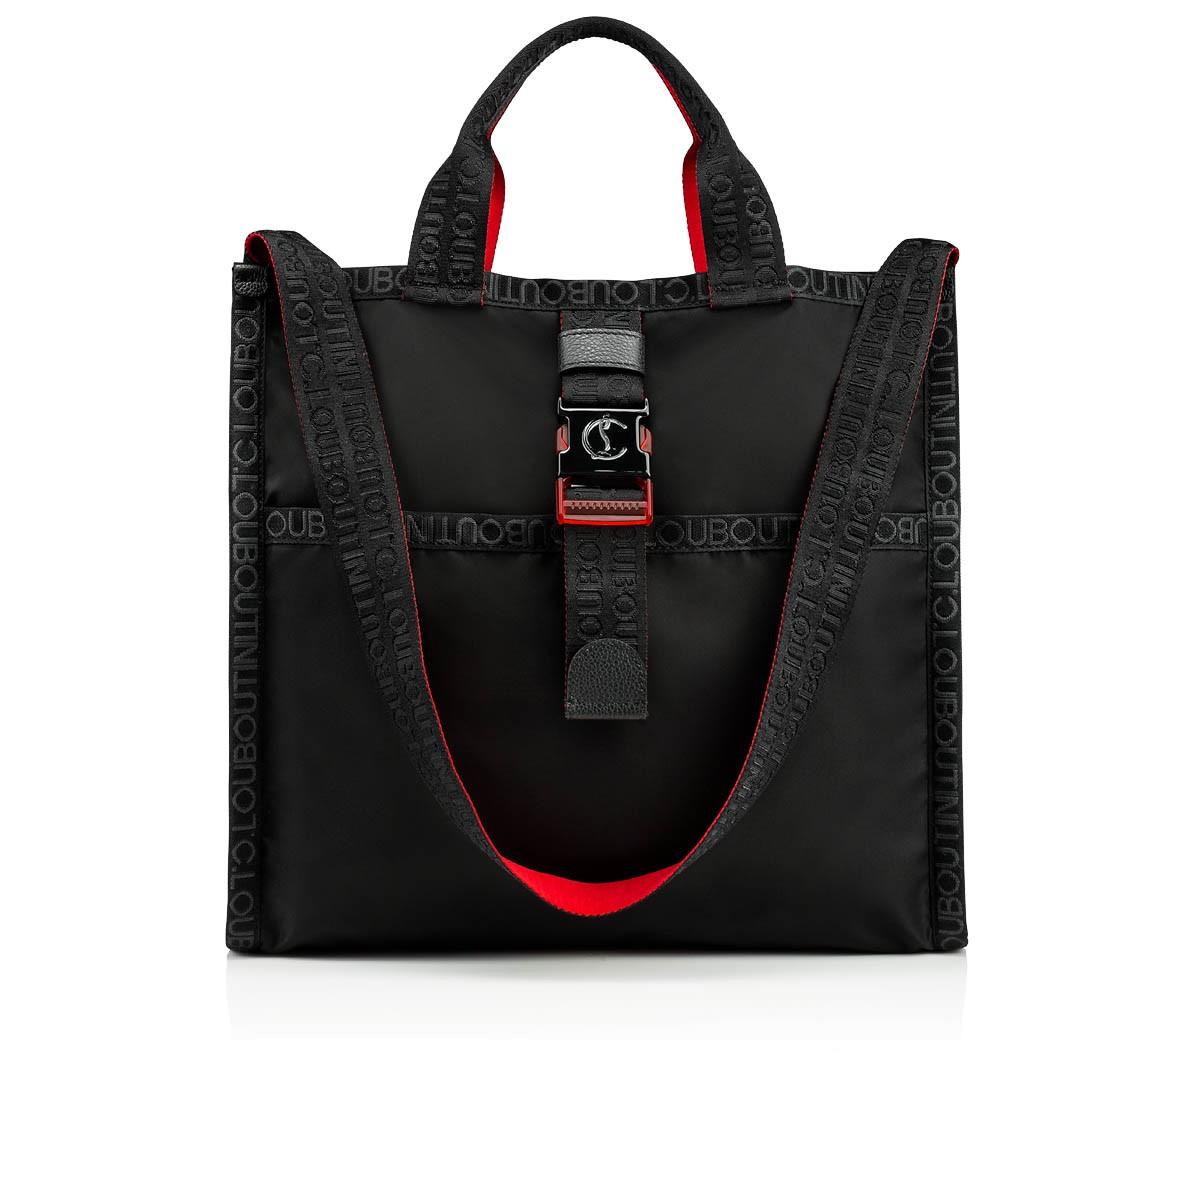 Bags - Loubiclic Tote - Christian Louboutin